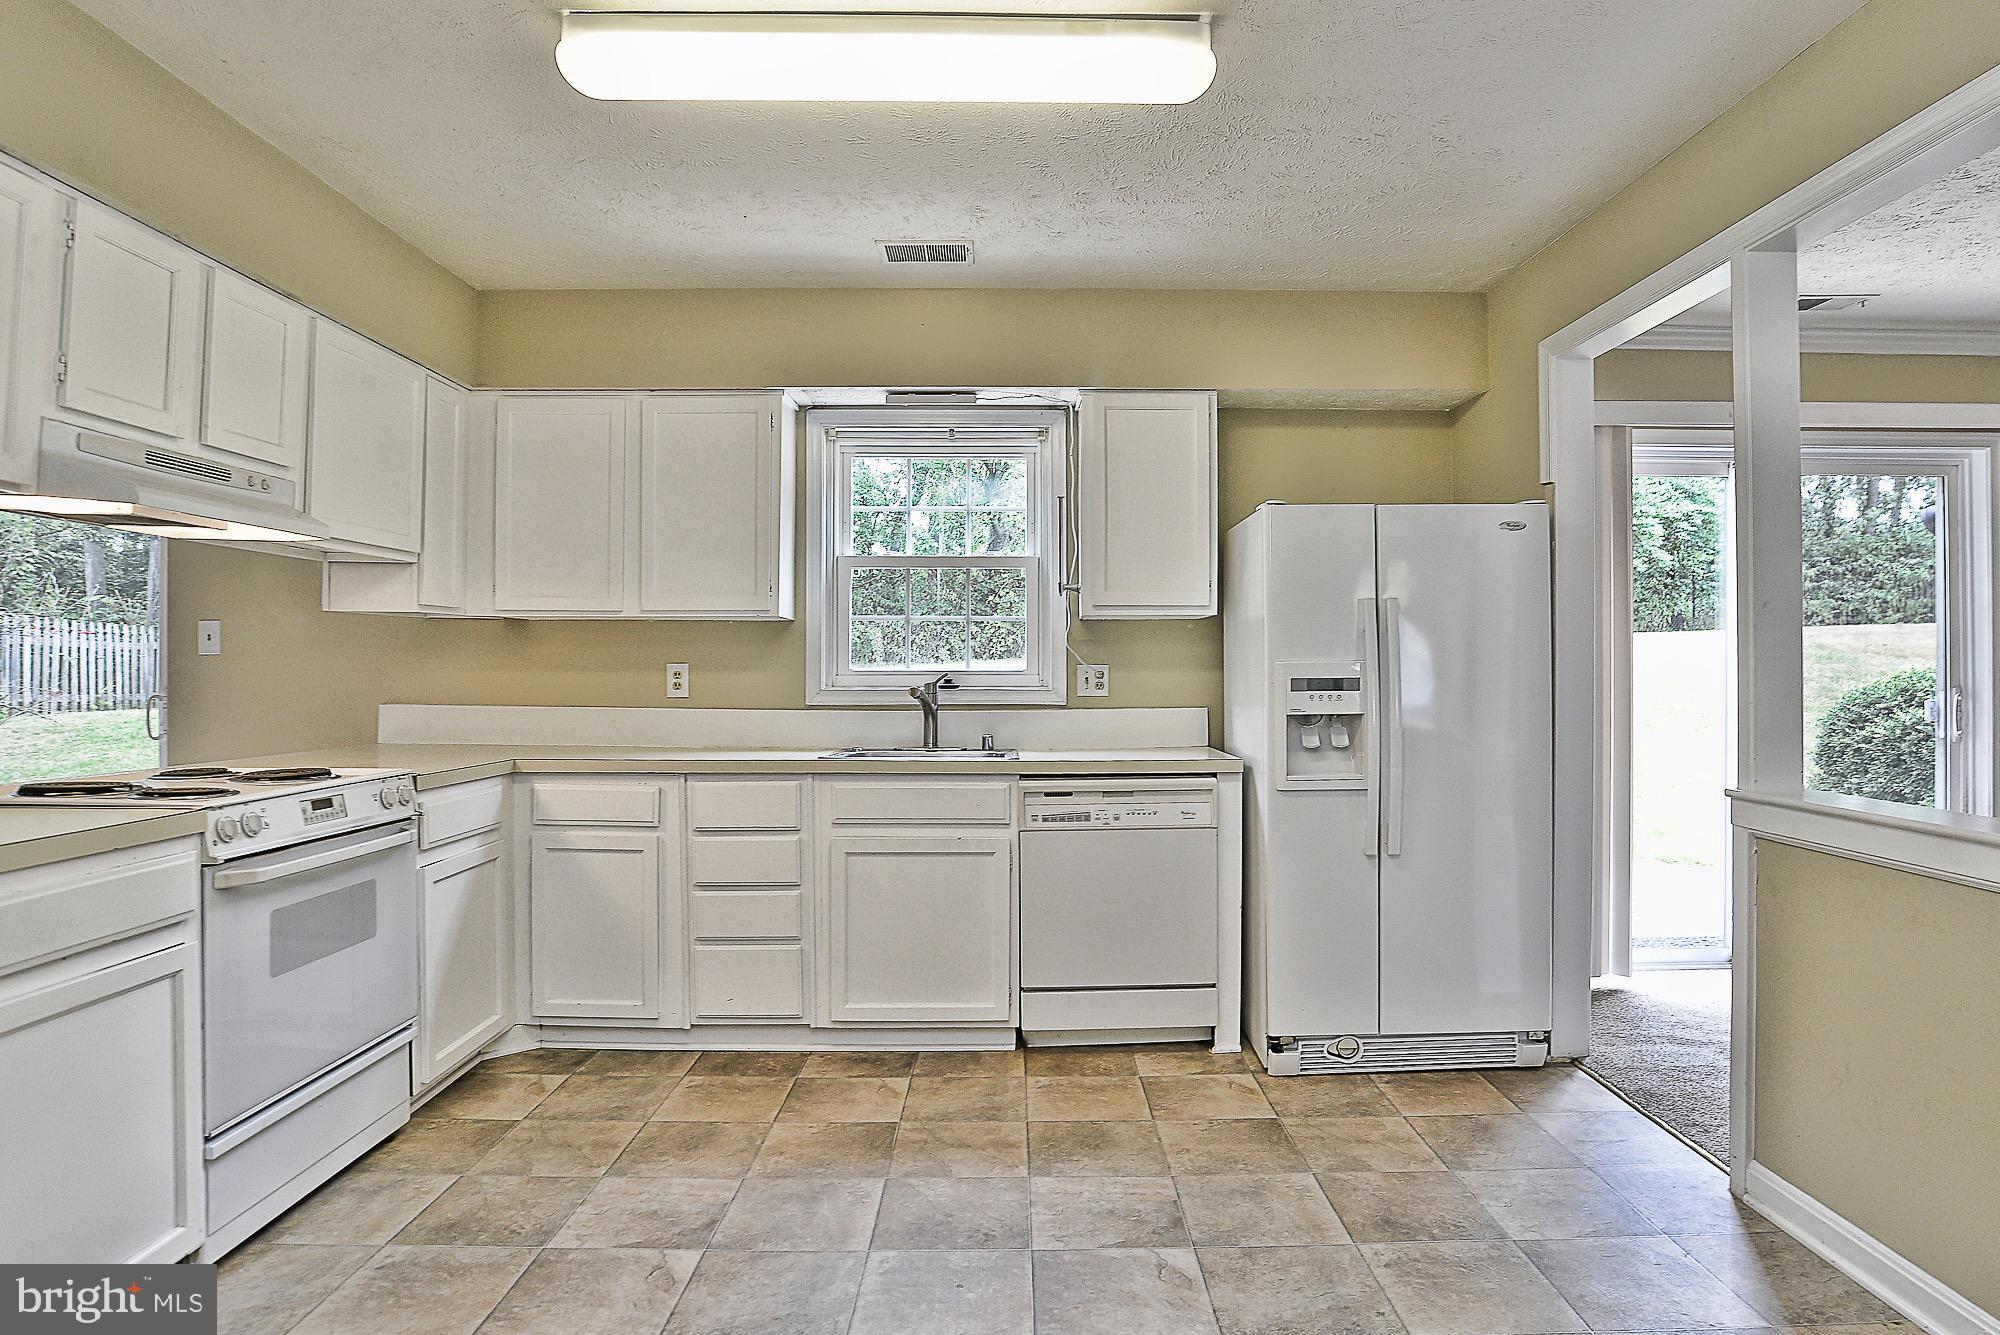 13213 Jasper Road, Fairfax, VA 22033 | RE/MAX Gateway